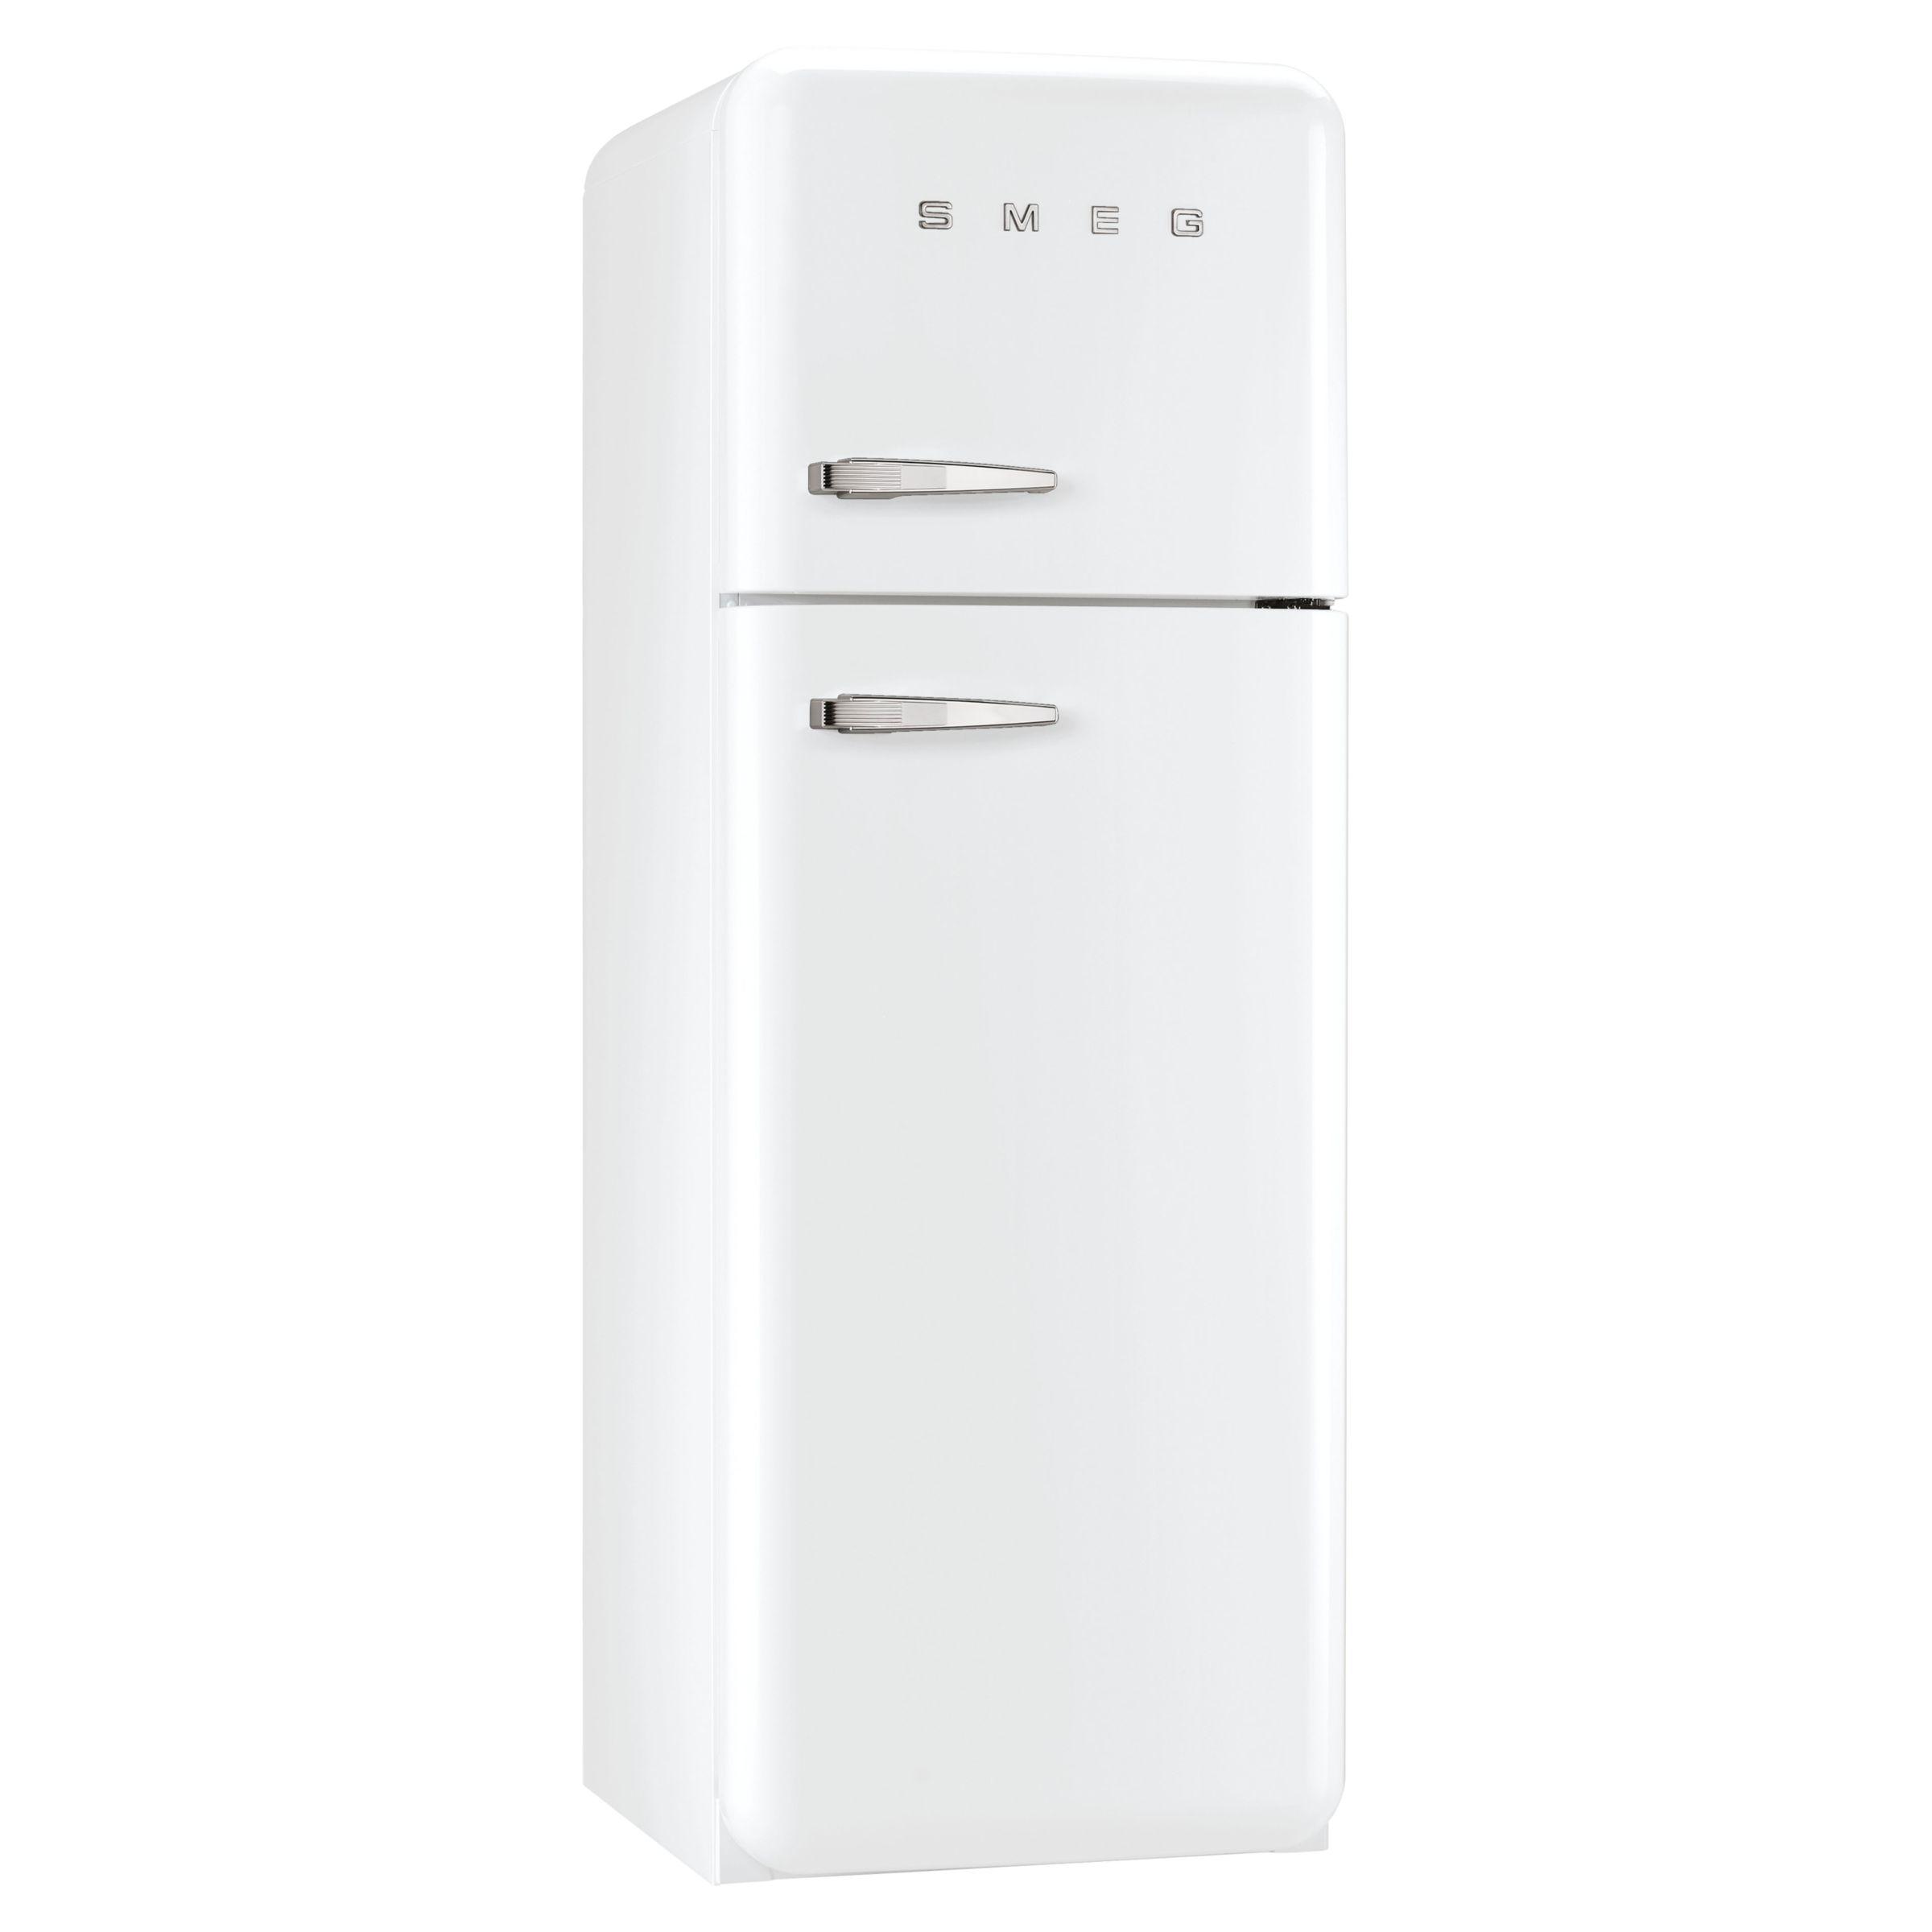 smeg fridge freezer shop for cheap refrigeration and save online. Black Bedroom Furniture Sets. Home Design Ideas